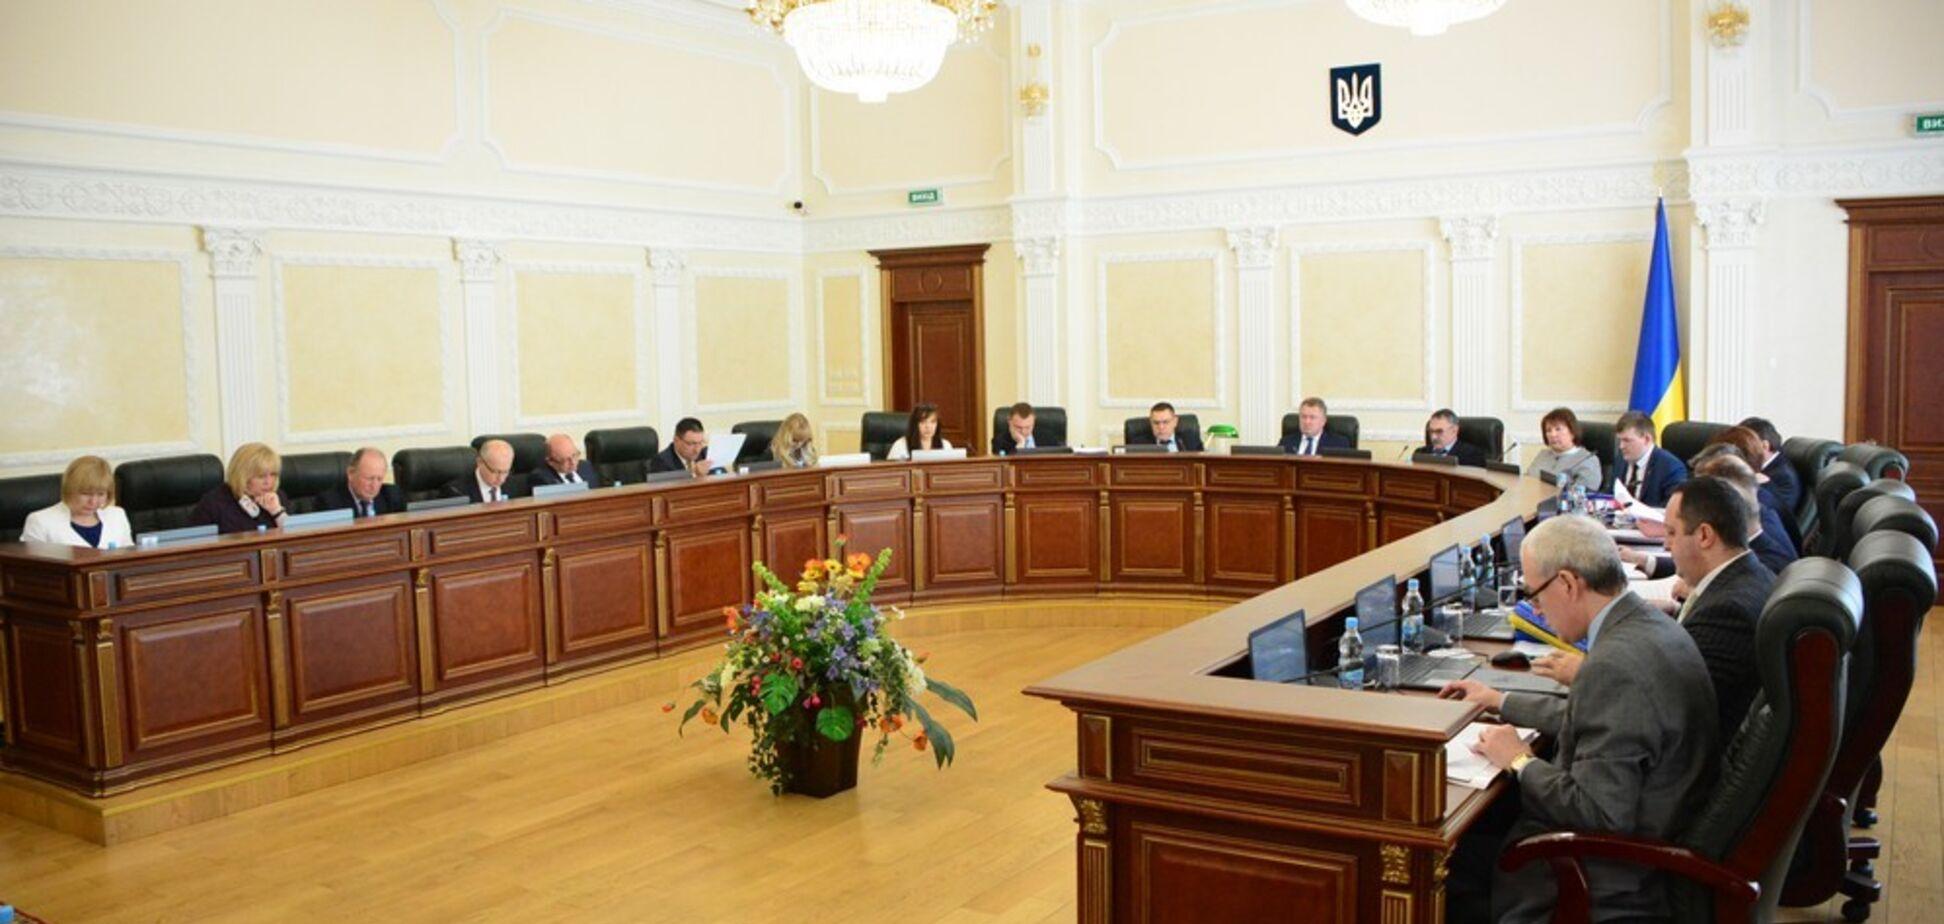 Антикорупційний суд в Україні: ВРП рекомендувала Порошенку 35 кандидатів